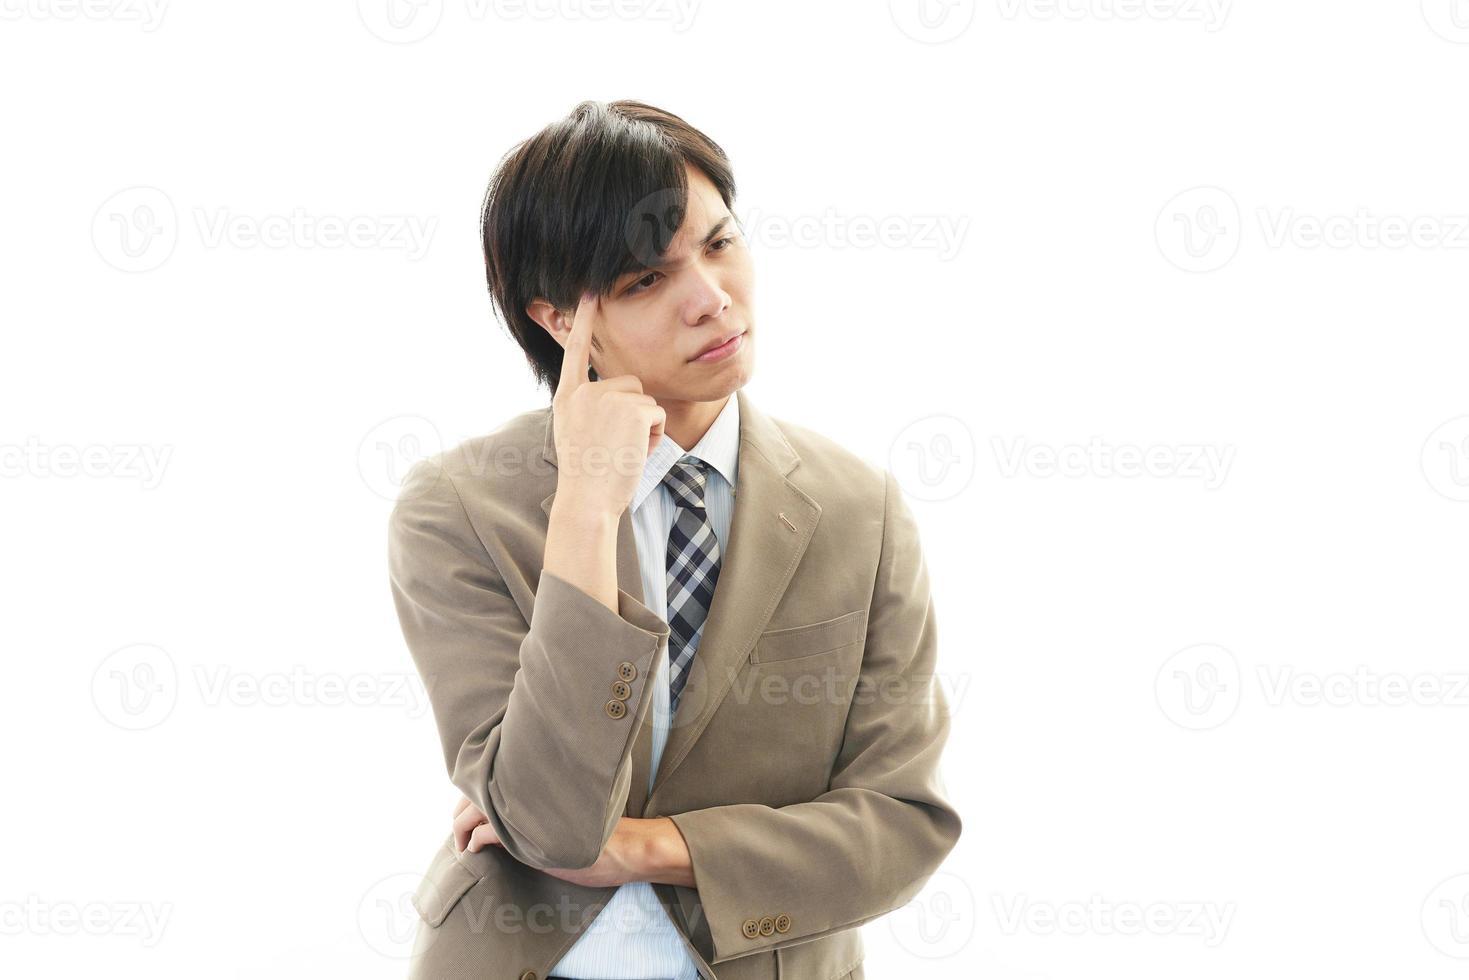 estressado empresário asiático foto